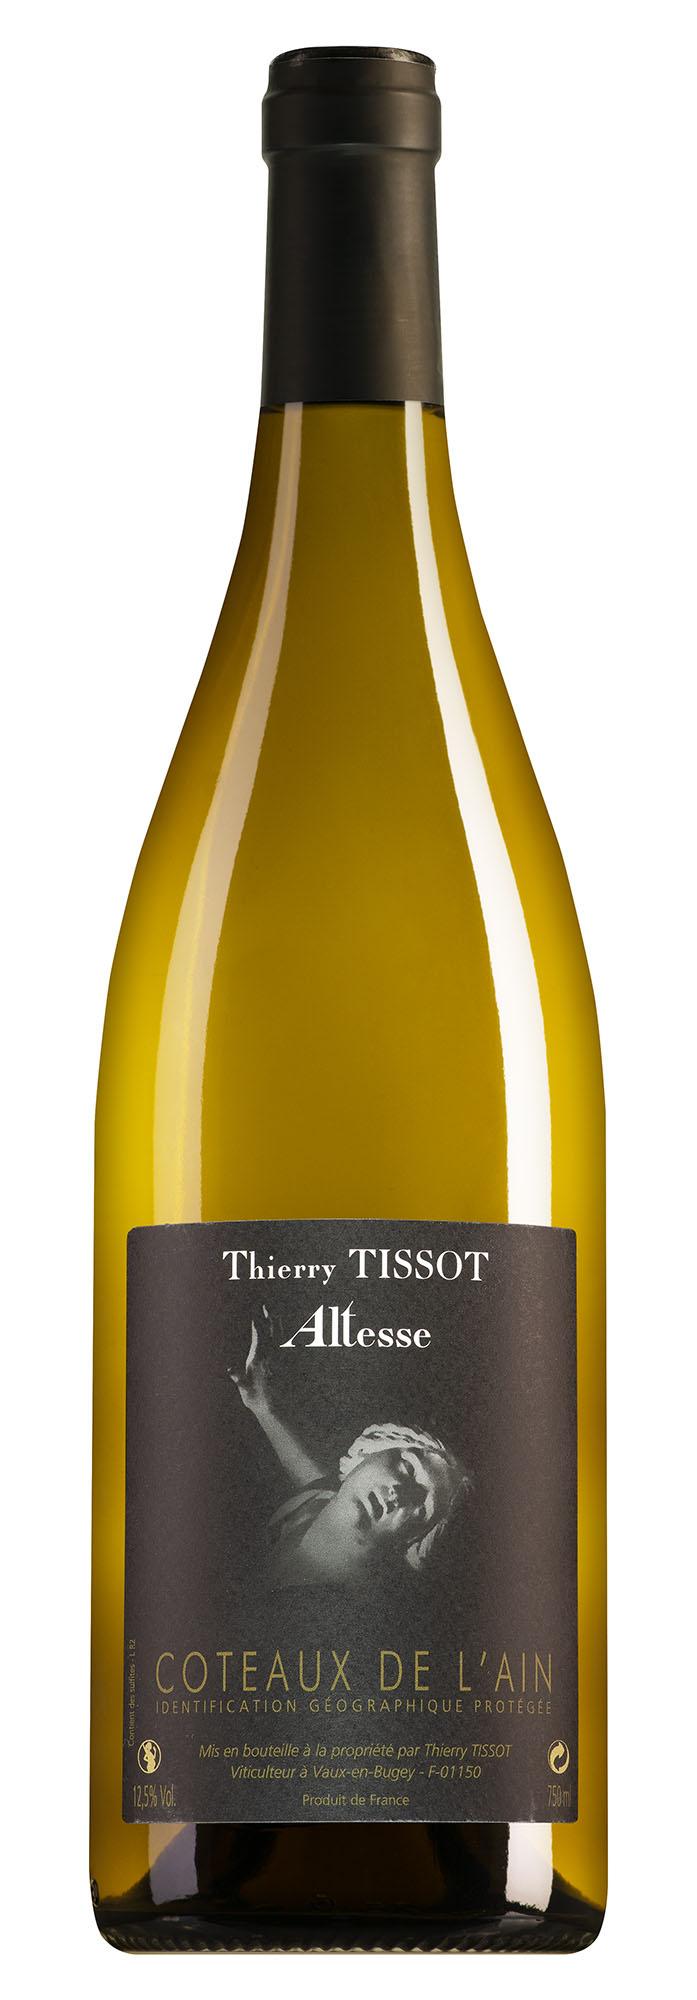 Thierry Tissot Coteaux de L'Ain Altesse